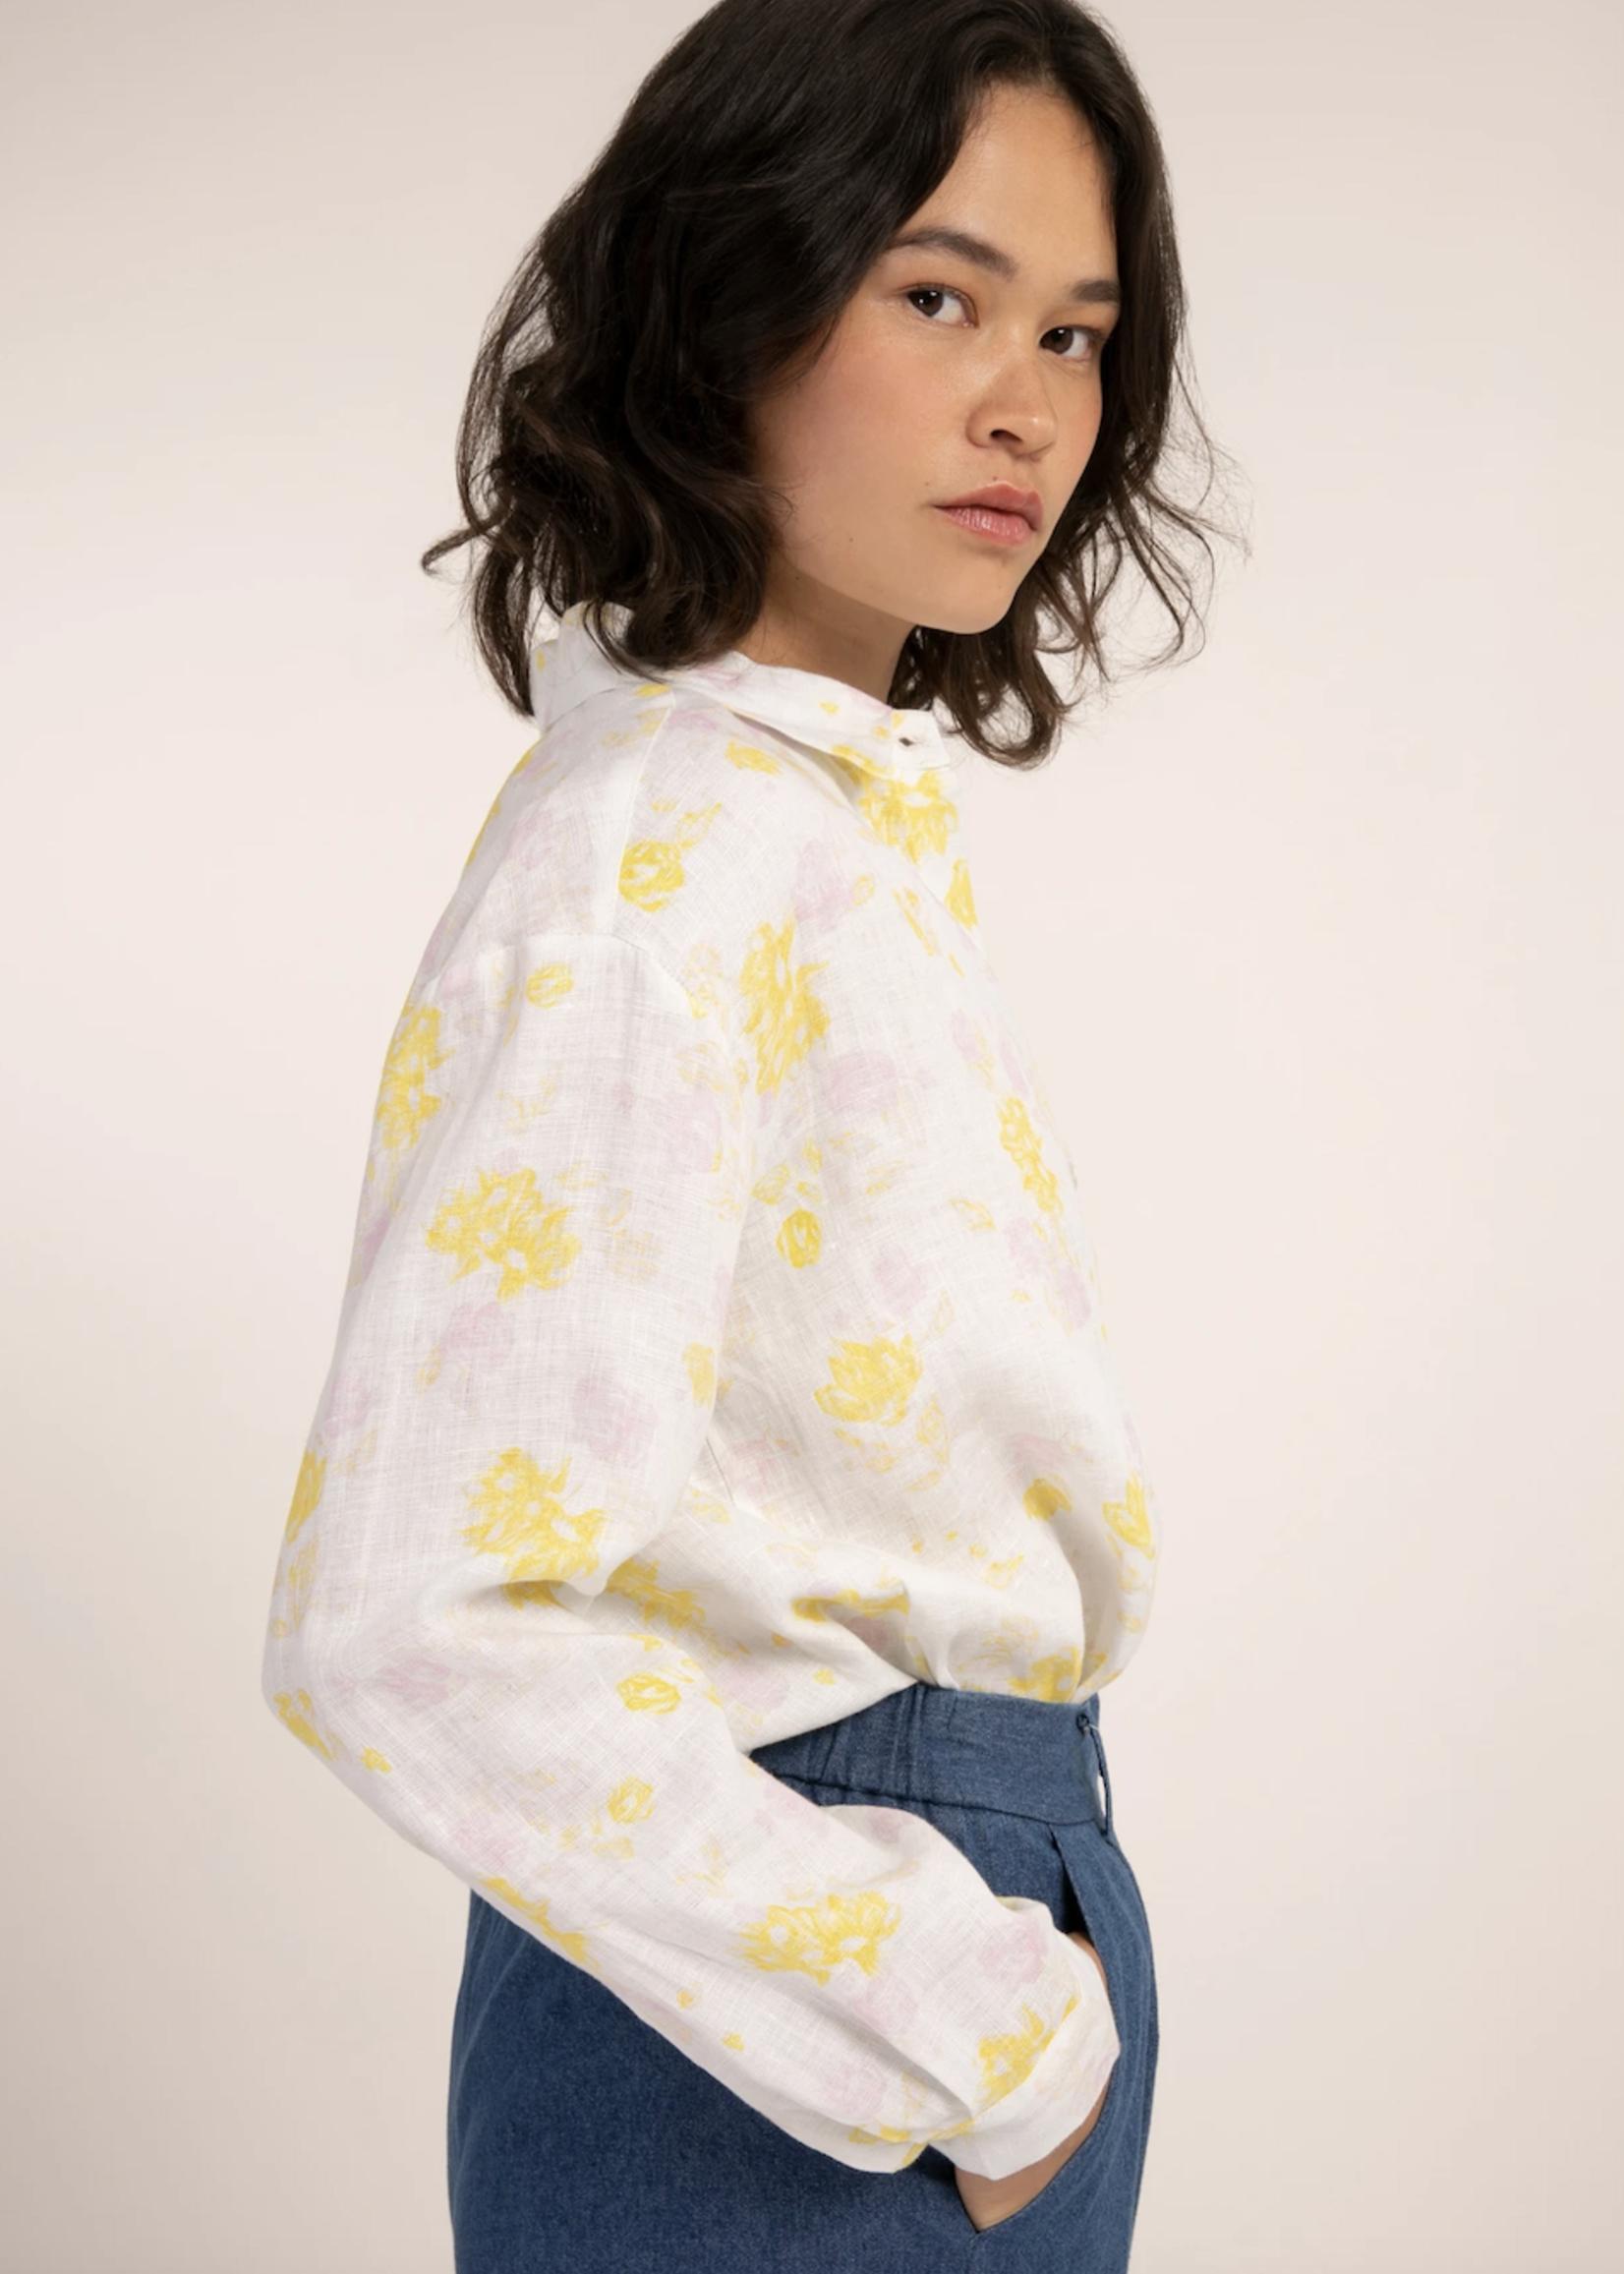 Elitaire Boutique Celoise White Floral Shirt